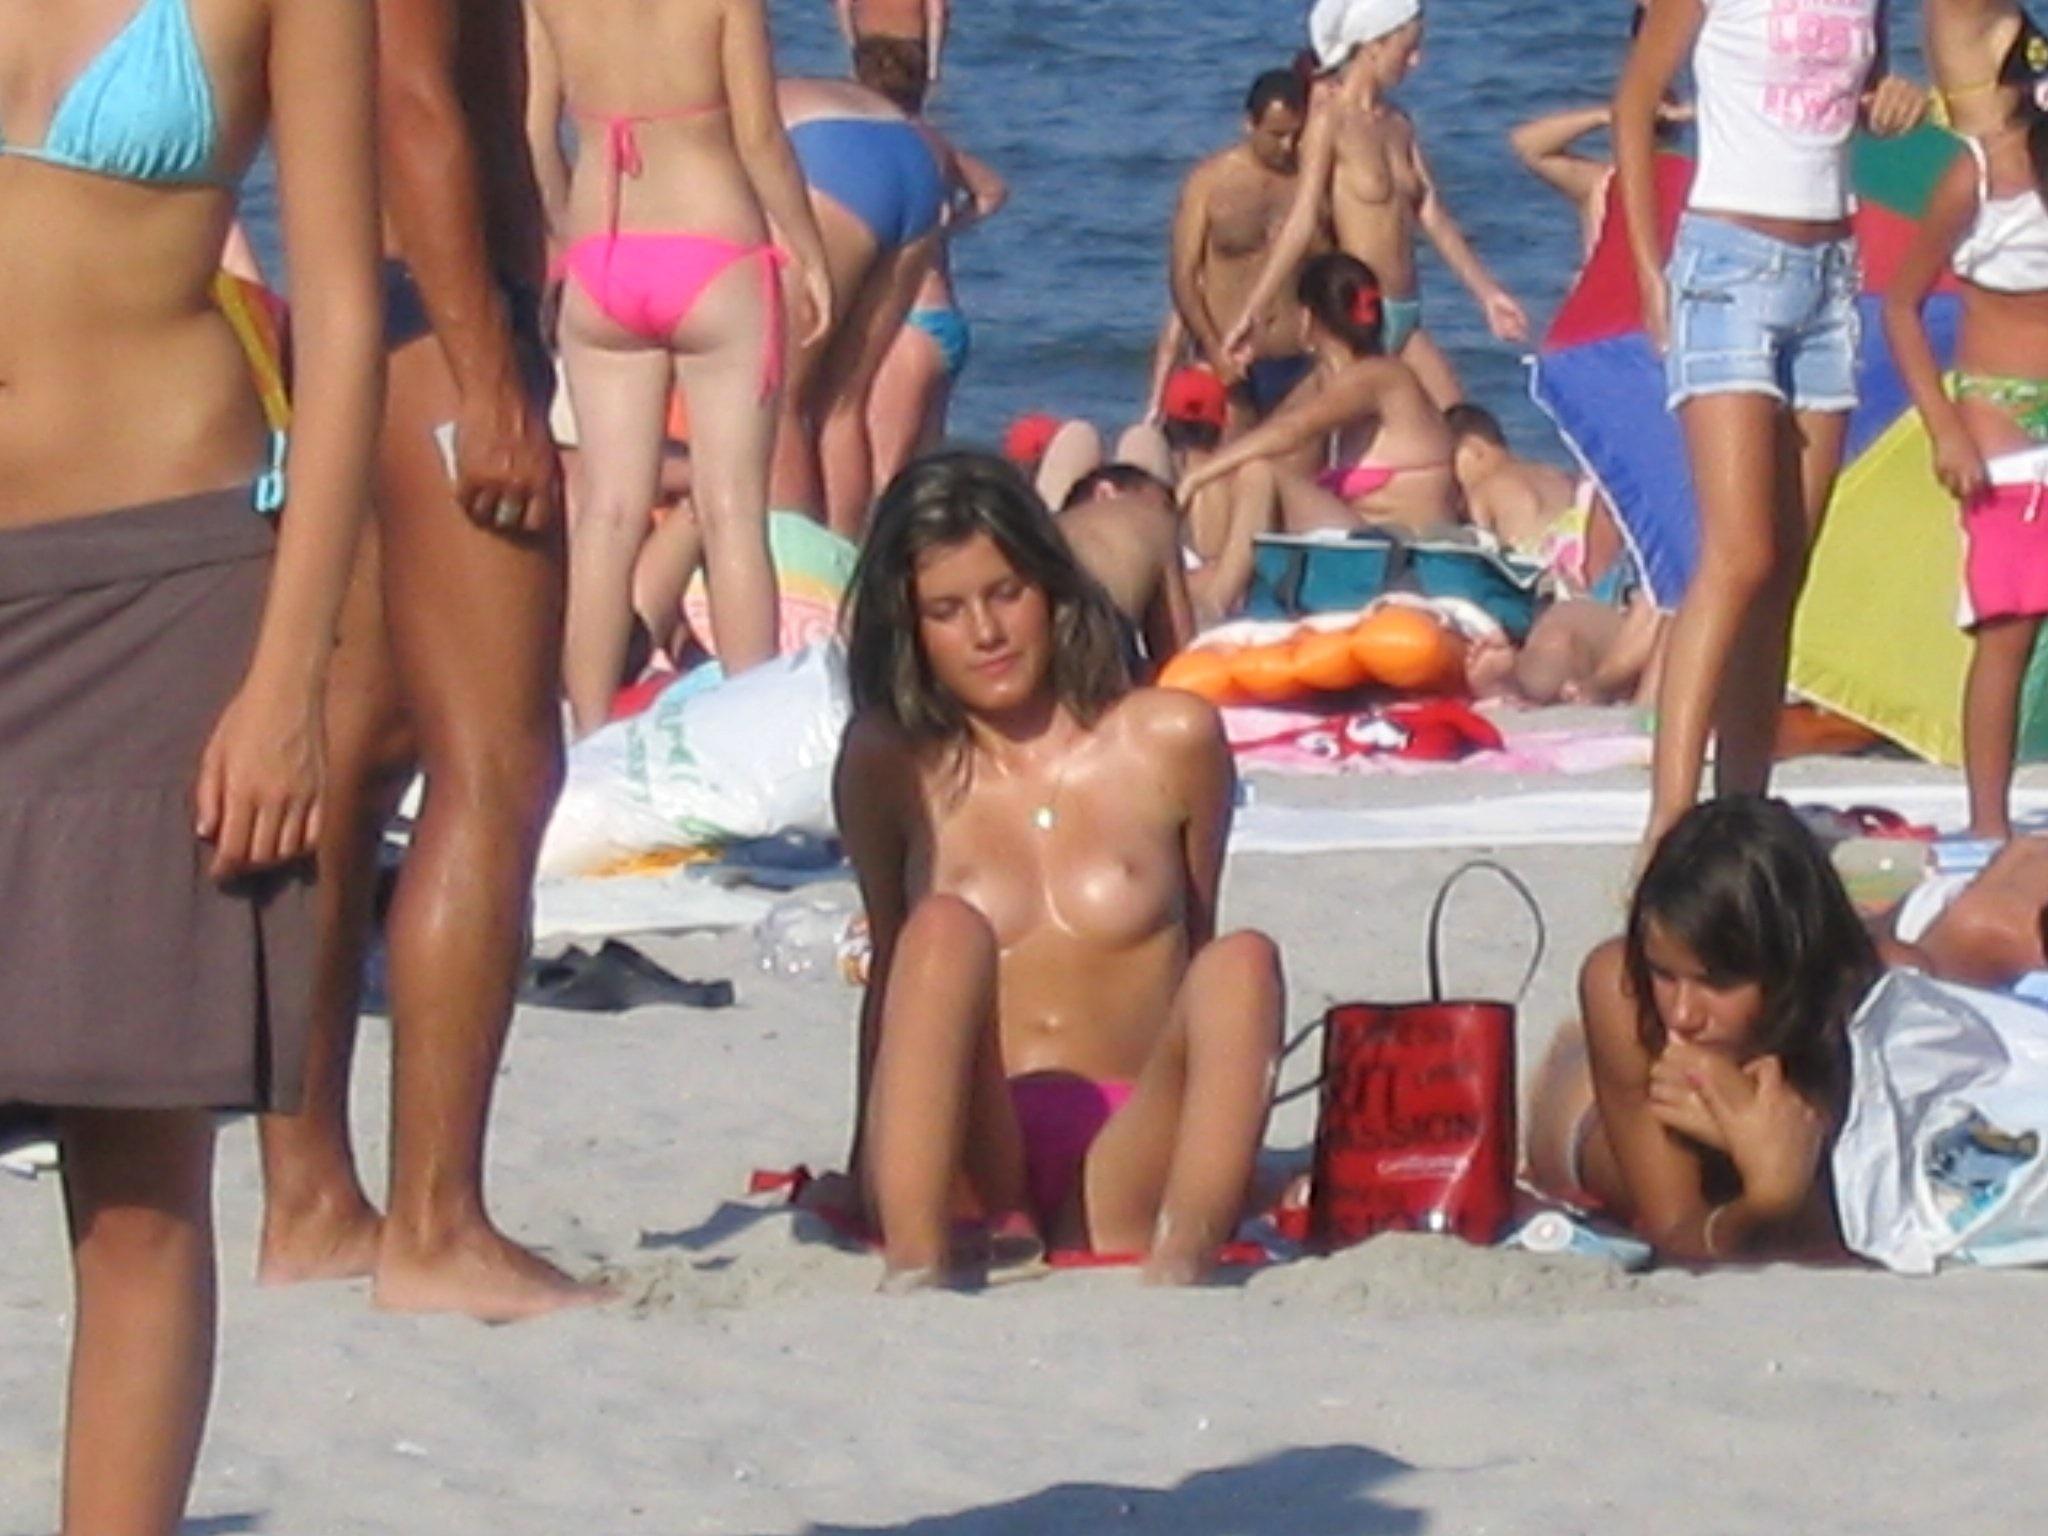 【海外エロ画像】おっぱい丸出しだけならお咎めない素敵な文化wwwトップレスで日光浴中のブロンド美女(*´д`*)